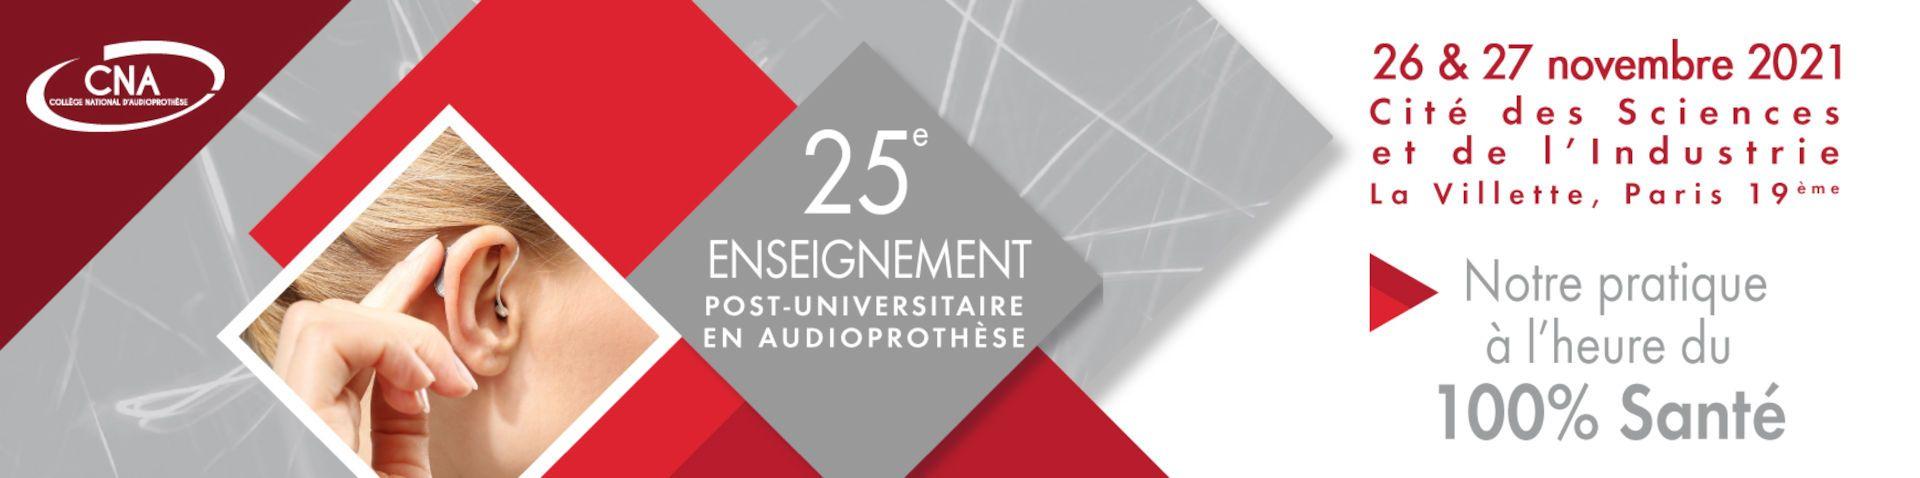 25ème Enseignement Post-Universitaire en Audioprothèse 2021